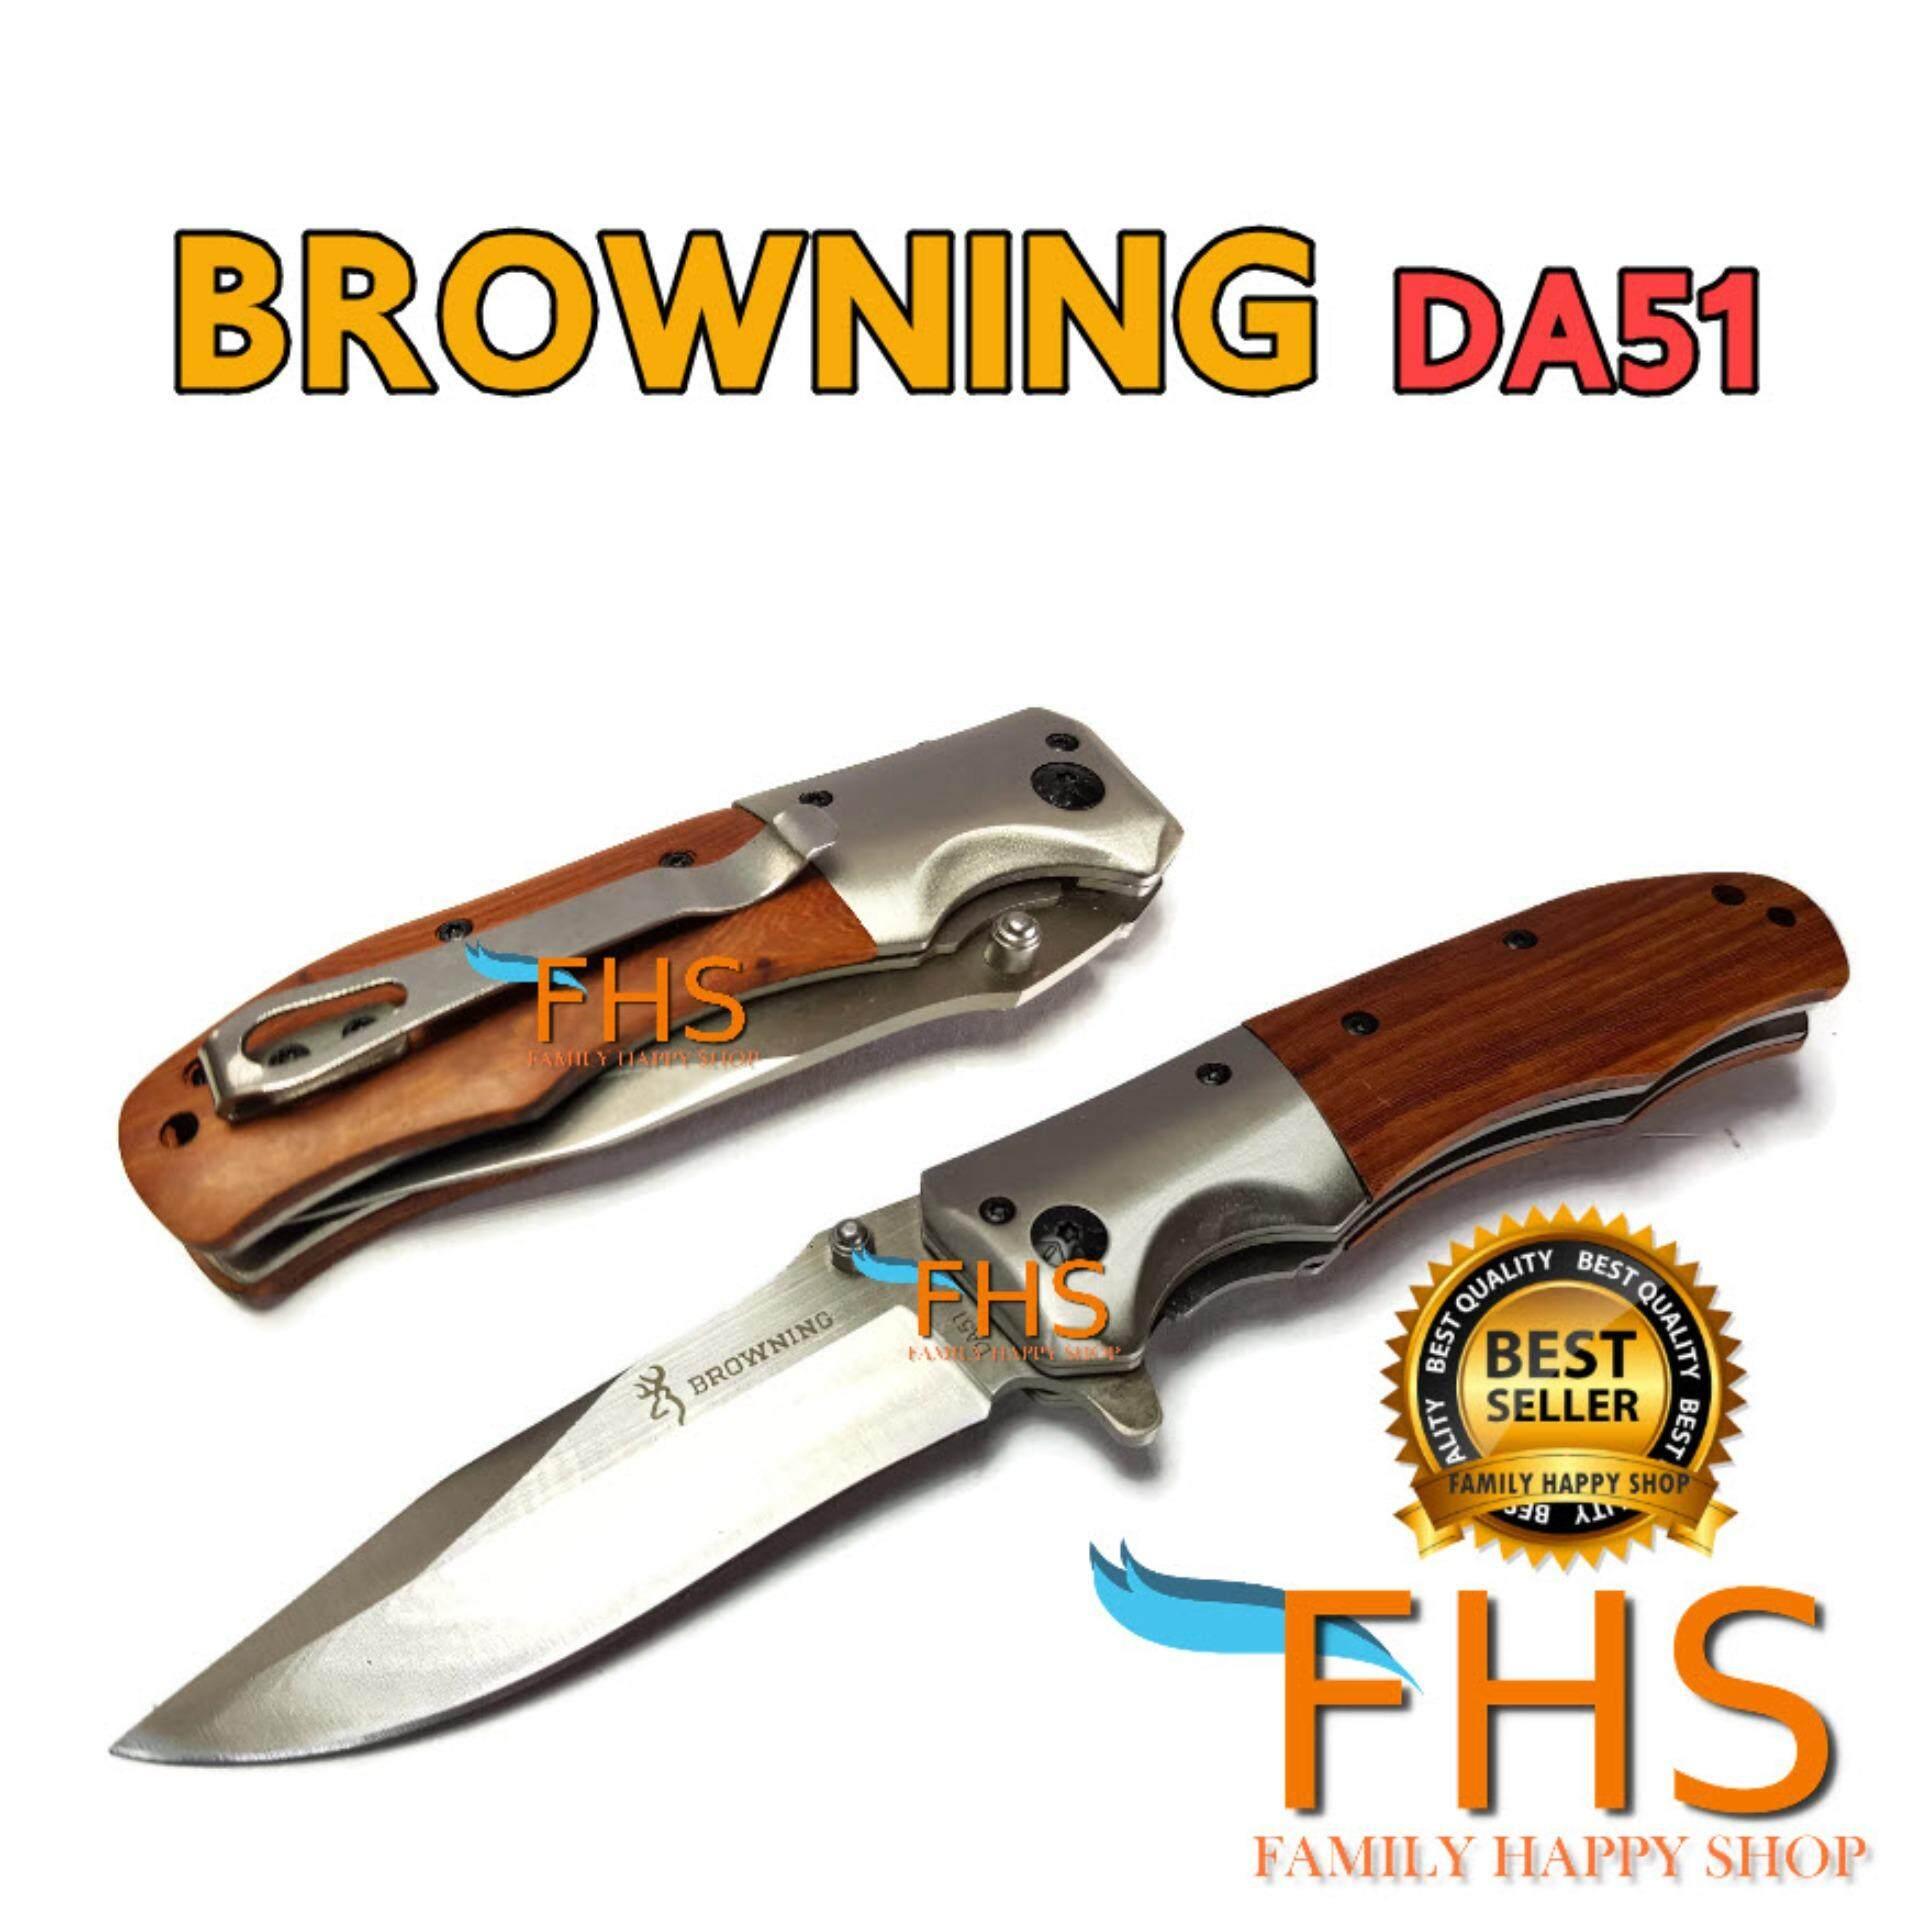 ราคา Fhs Folding Knife Browning Da51 มีดพับ ขนาดใบรวมด้าม 21 Cm ระบบกางใบมีดแบบไว เป็นต้นฉบับ Unbranded Generic